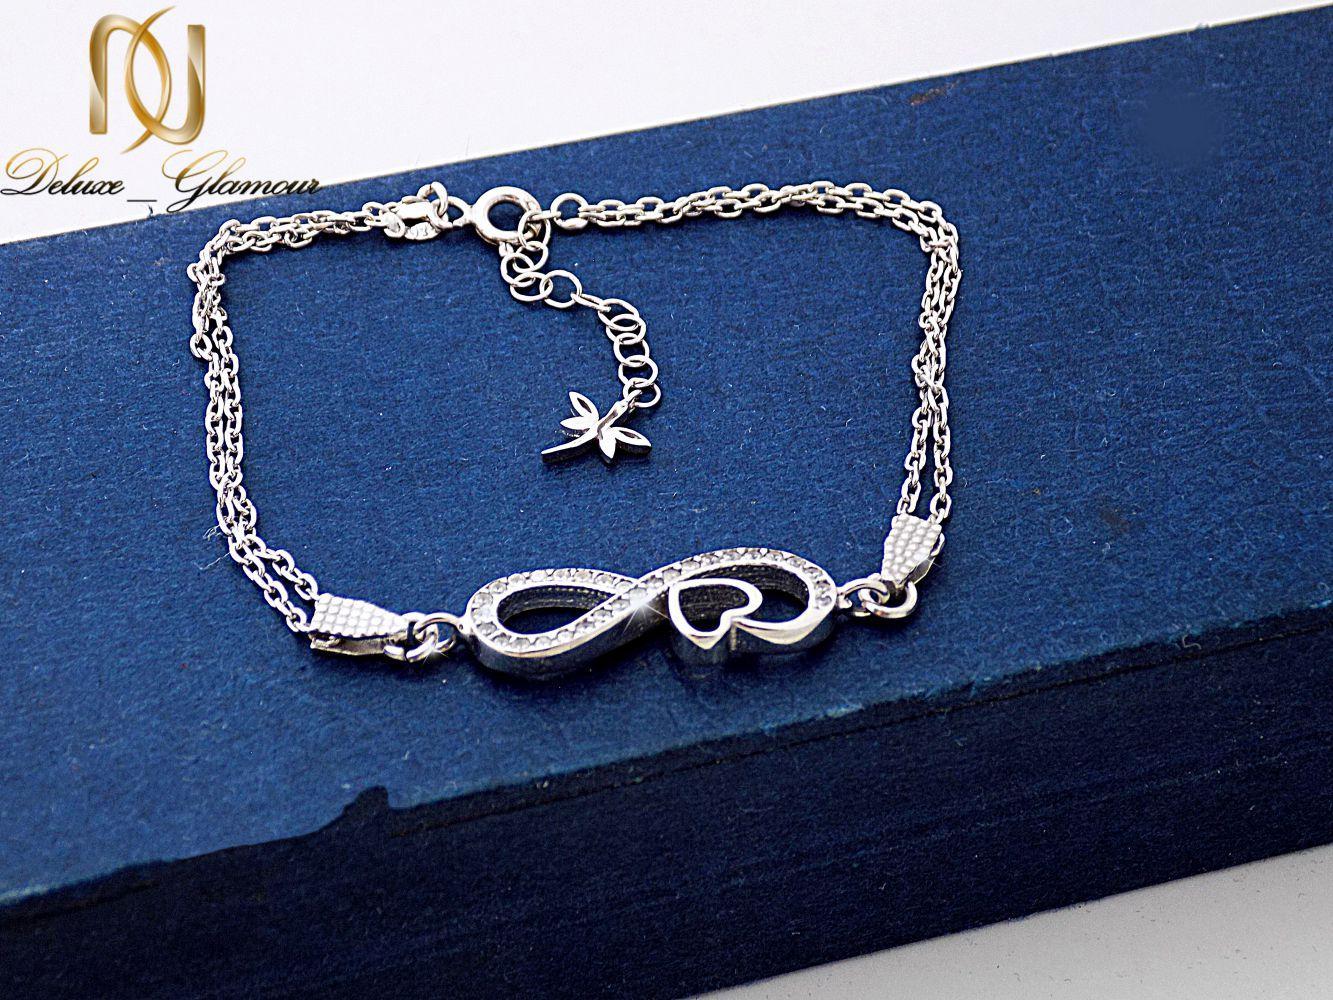 دستبند نقره دخترانه بی نهایت با نگین برلیان اتمی اصل ds-n239 از نمای بالا